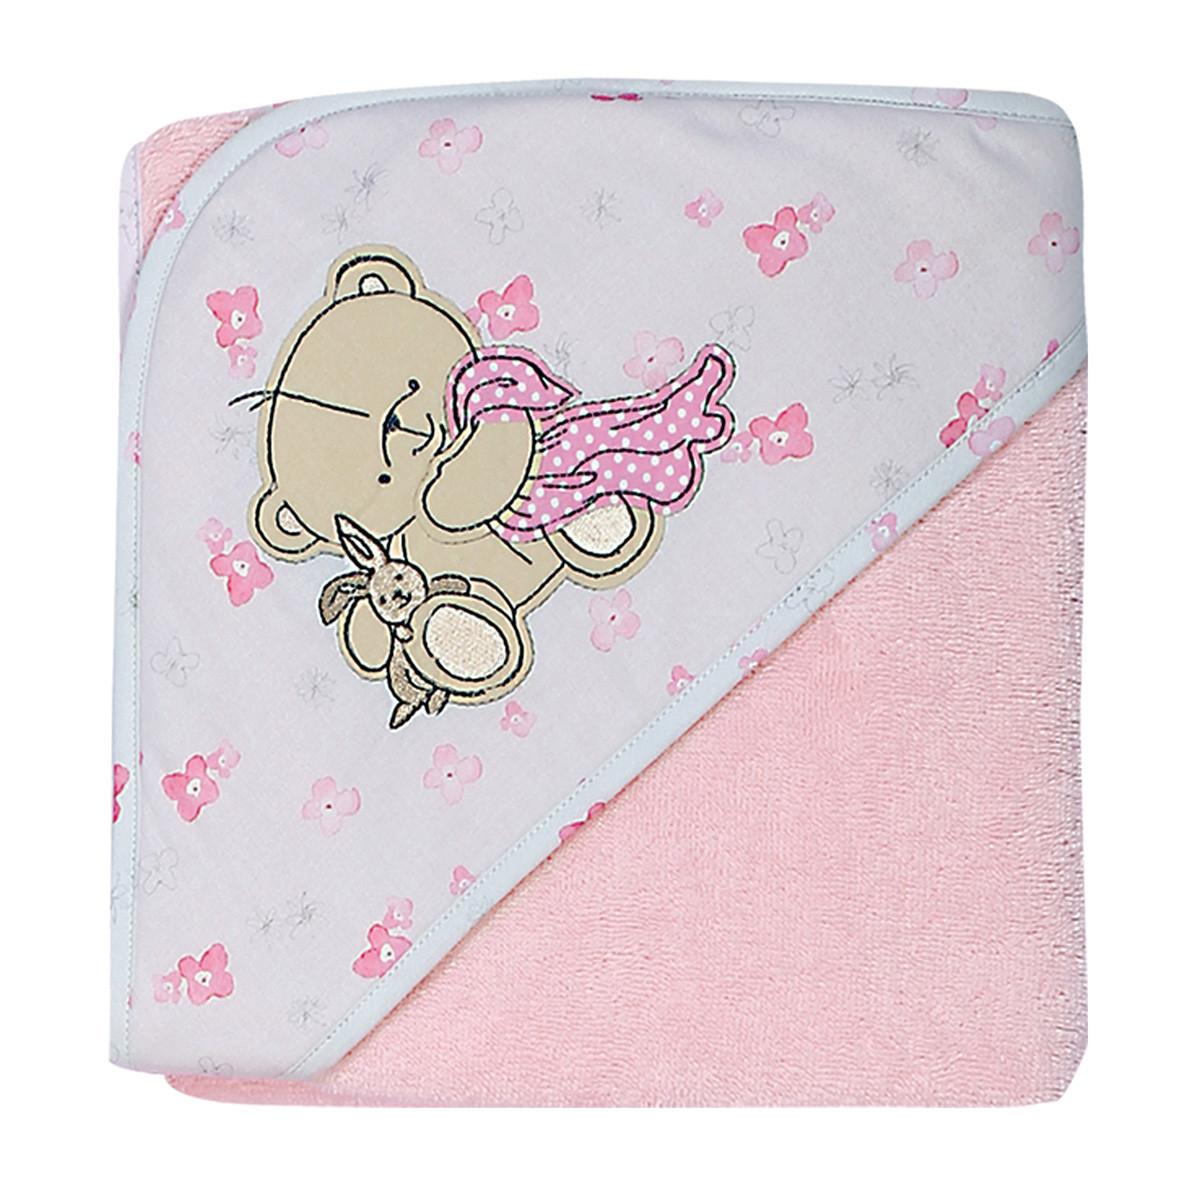 Βρεφική Κάπα Nef-Nef Baby NapTime home   βρεφικά   κάπες βρεφικές